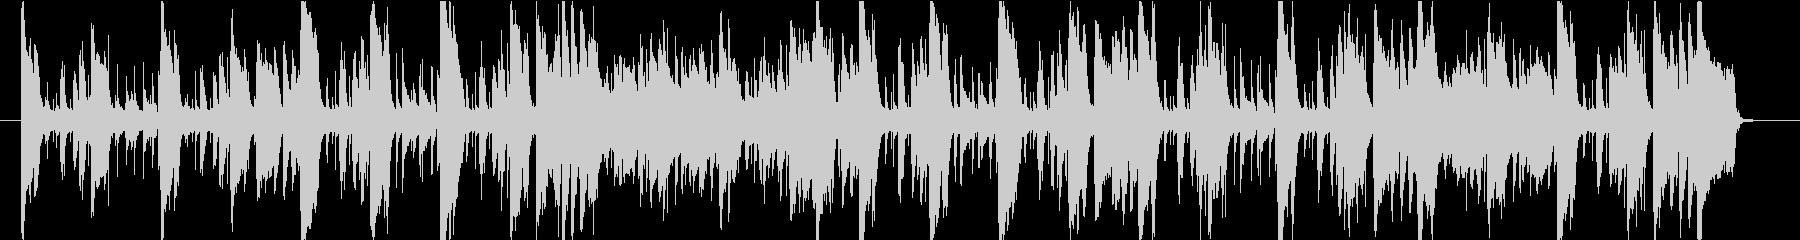 ブラスとピアノの軽快なジャジーTUNEの未再生の波形